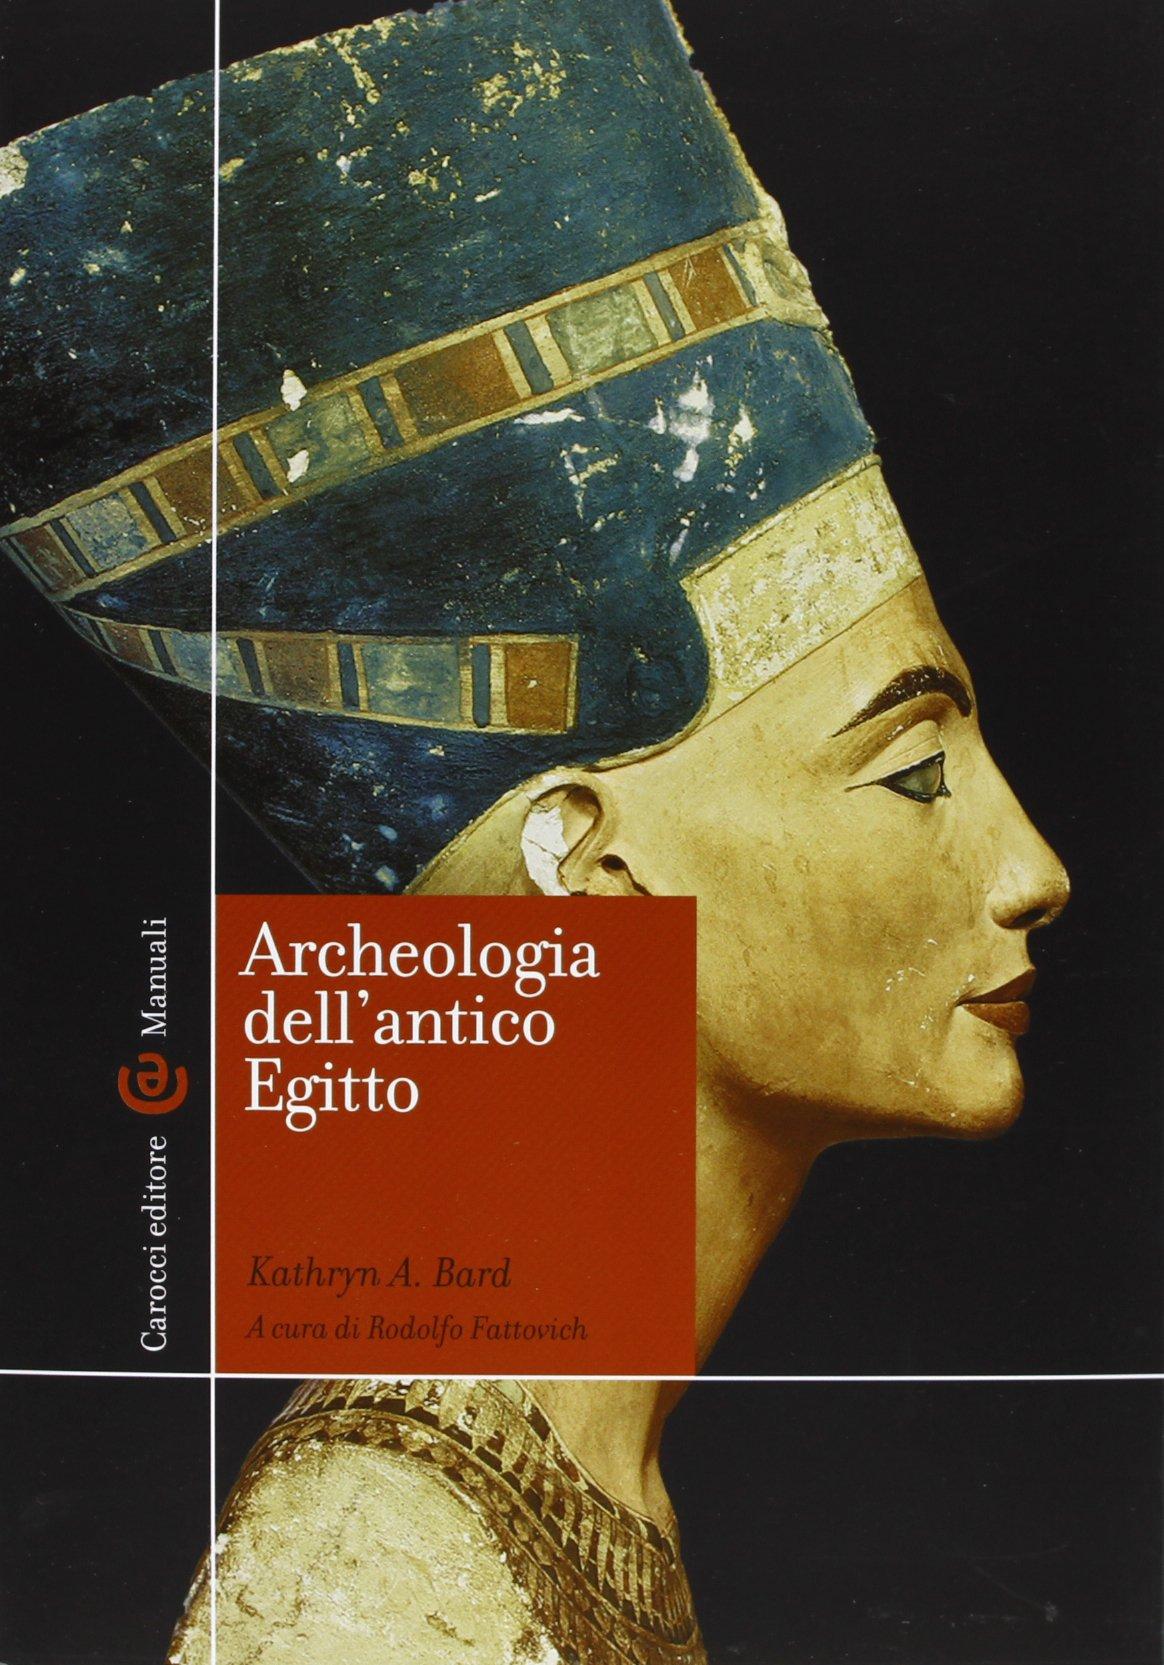 Archeologia dell'antico Egitto Copertina flessibile – 11 lug 2013 Kathryn A. Bard R. Fattovich I. Incordino Carocci